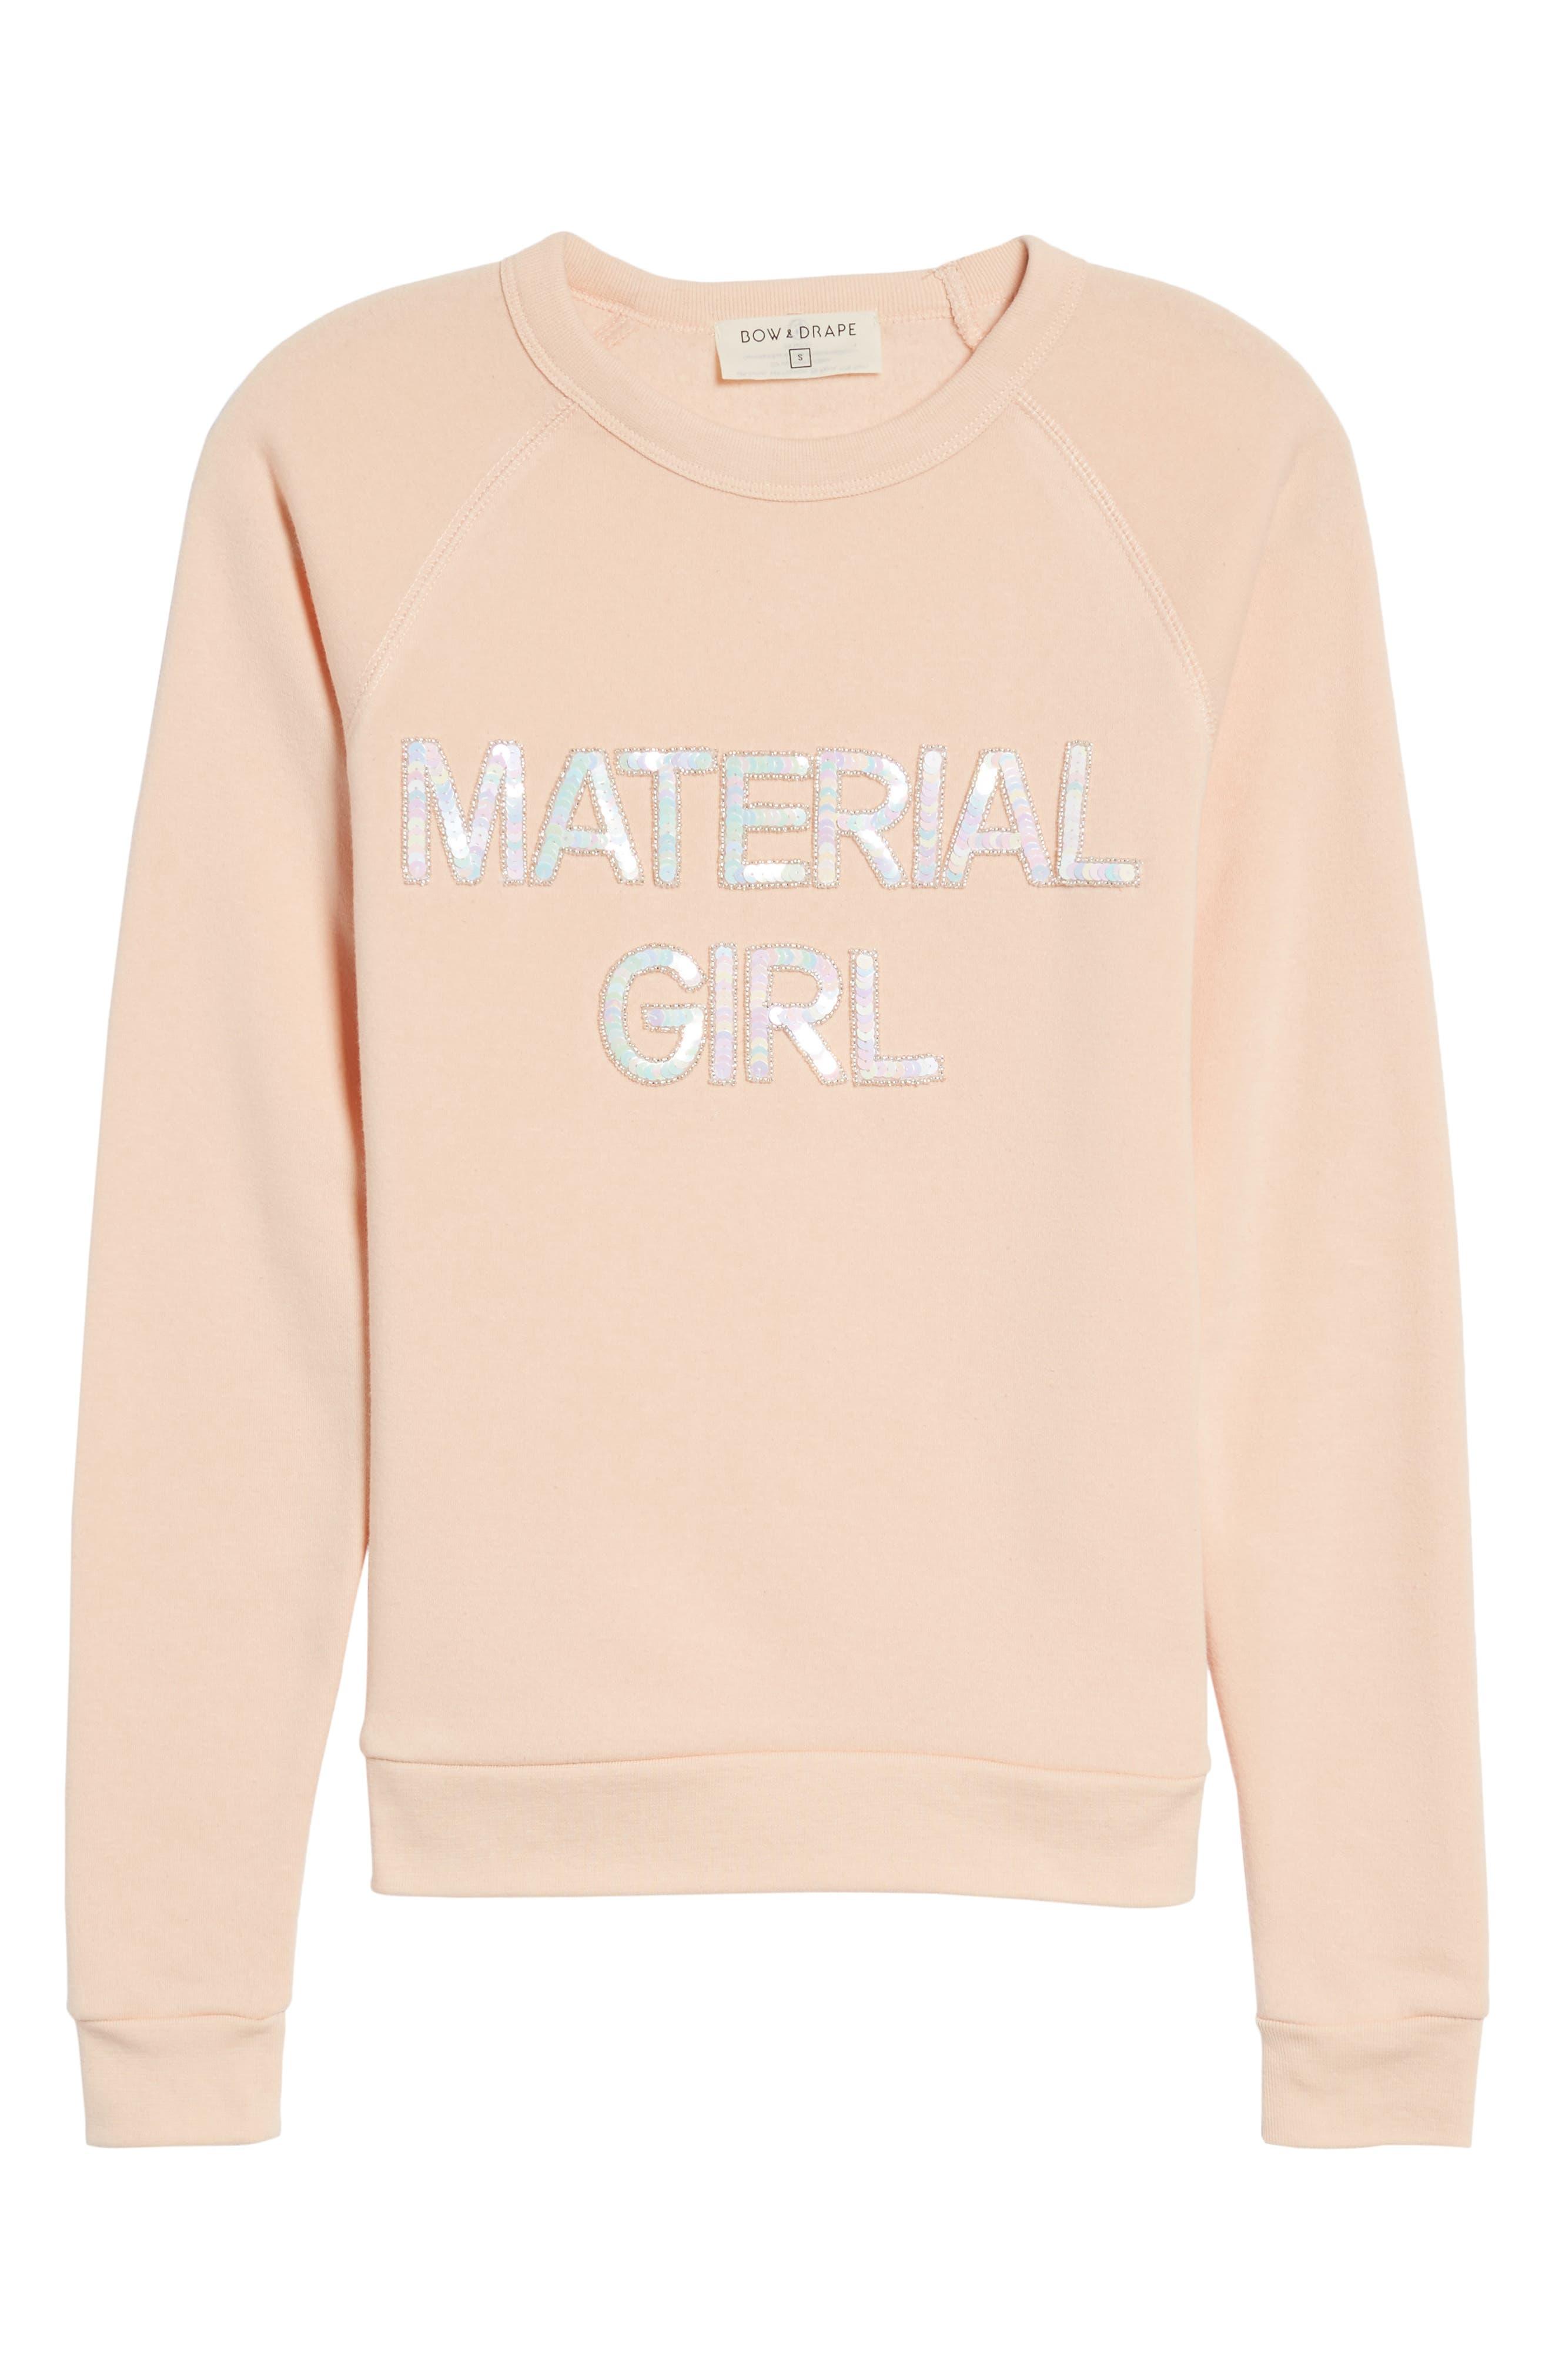 Material Girl Sweatshirt,                             Alternate thumbnail 6, color,                             650